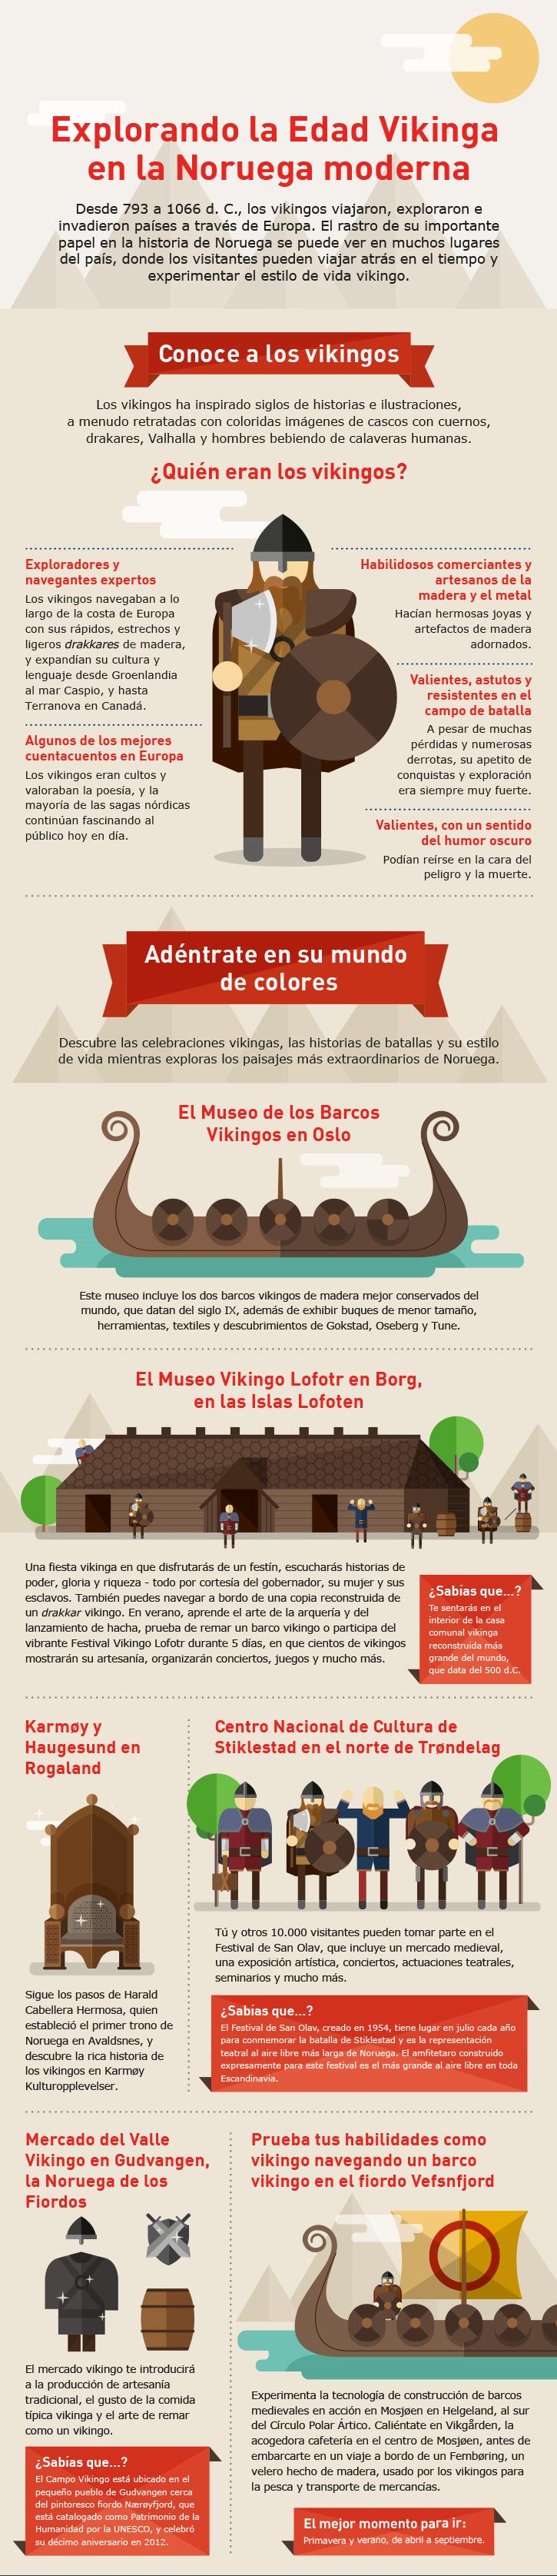 Infografico Vikingos Noruega